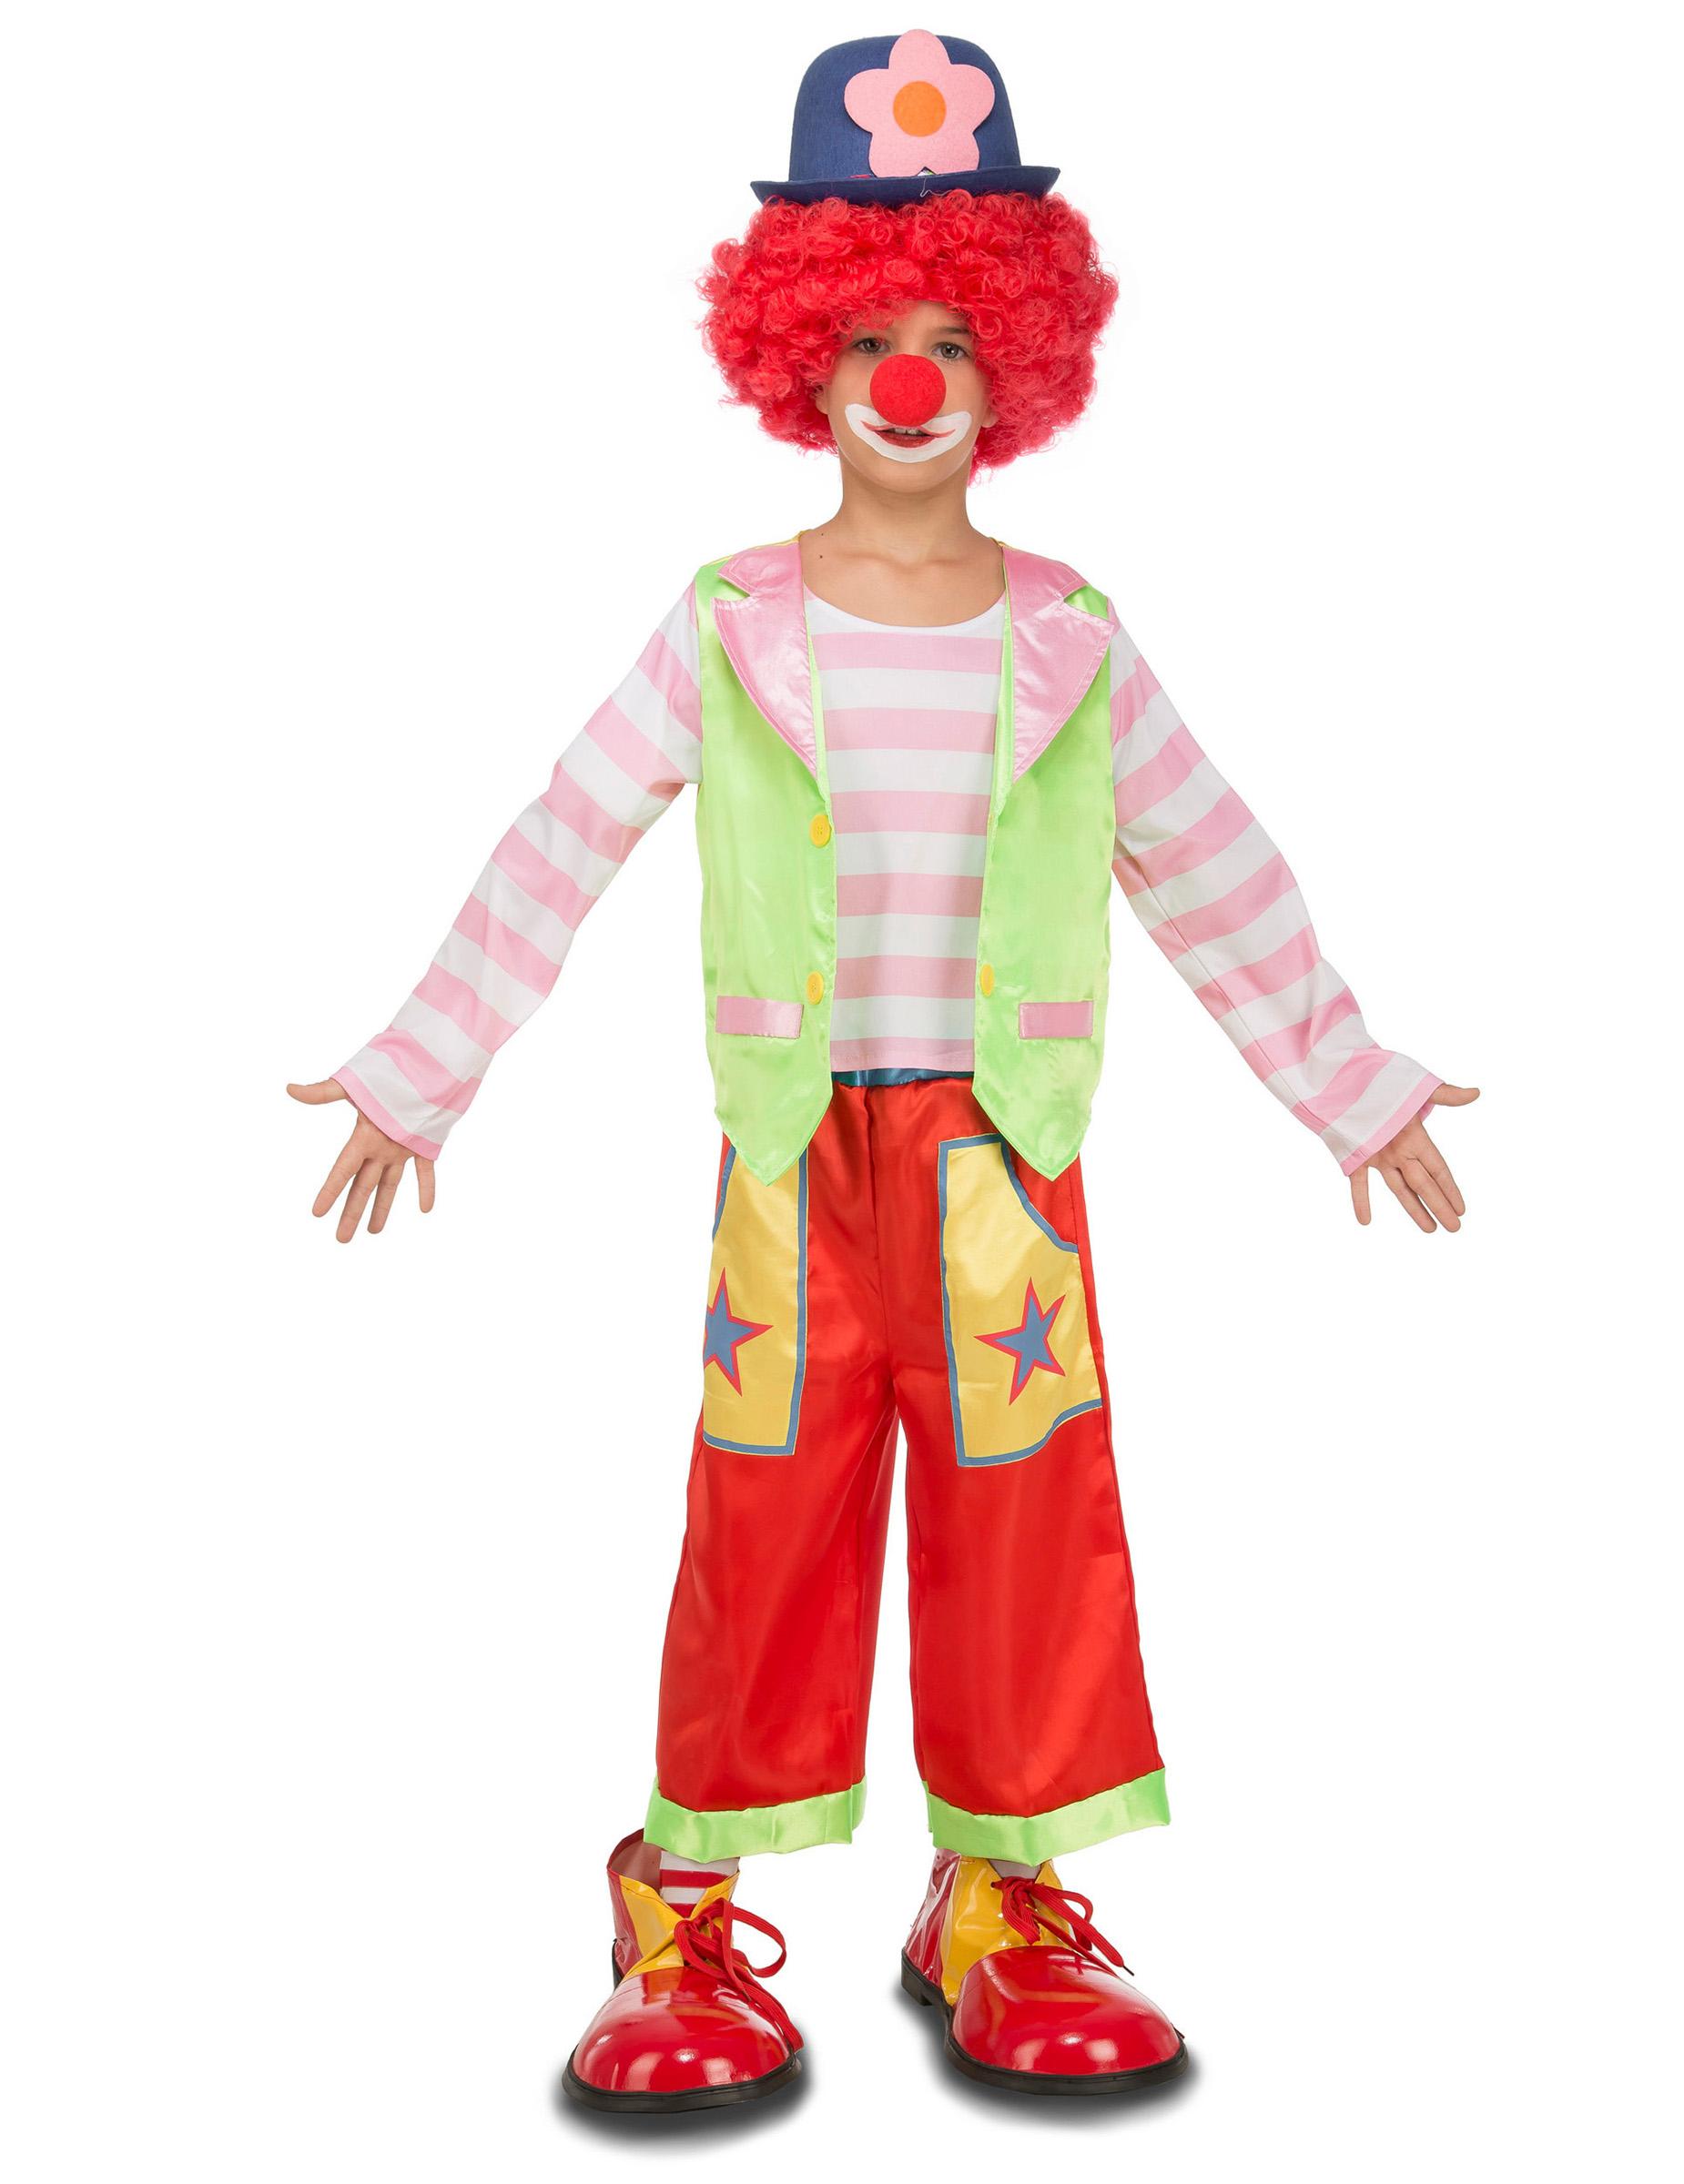 kost m rodeo clown f r kinder g nstige faschings kost me bei karneval megastore. Black Bedroom Furniture Sets. Home Design Ideas